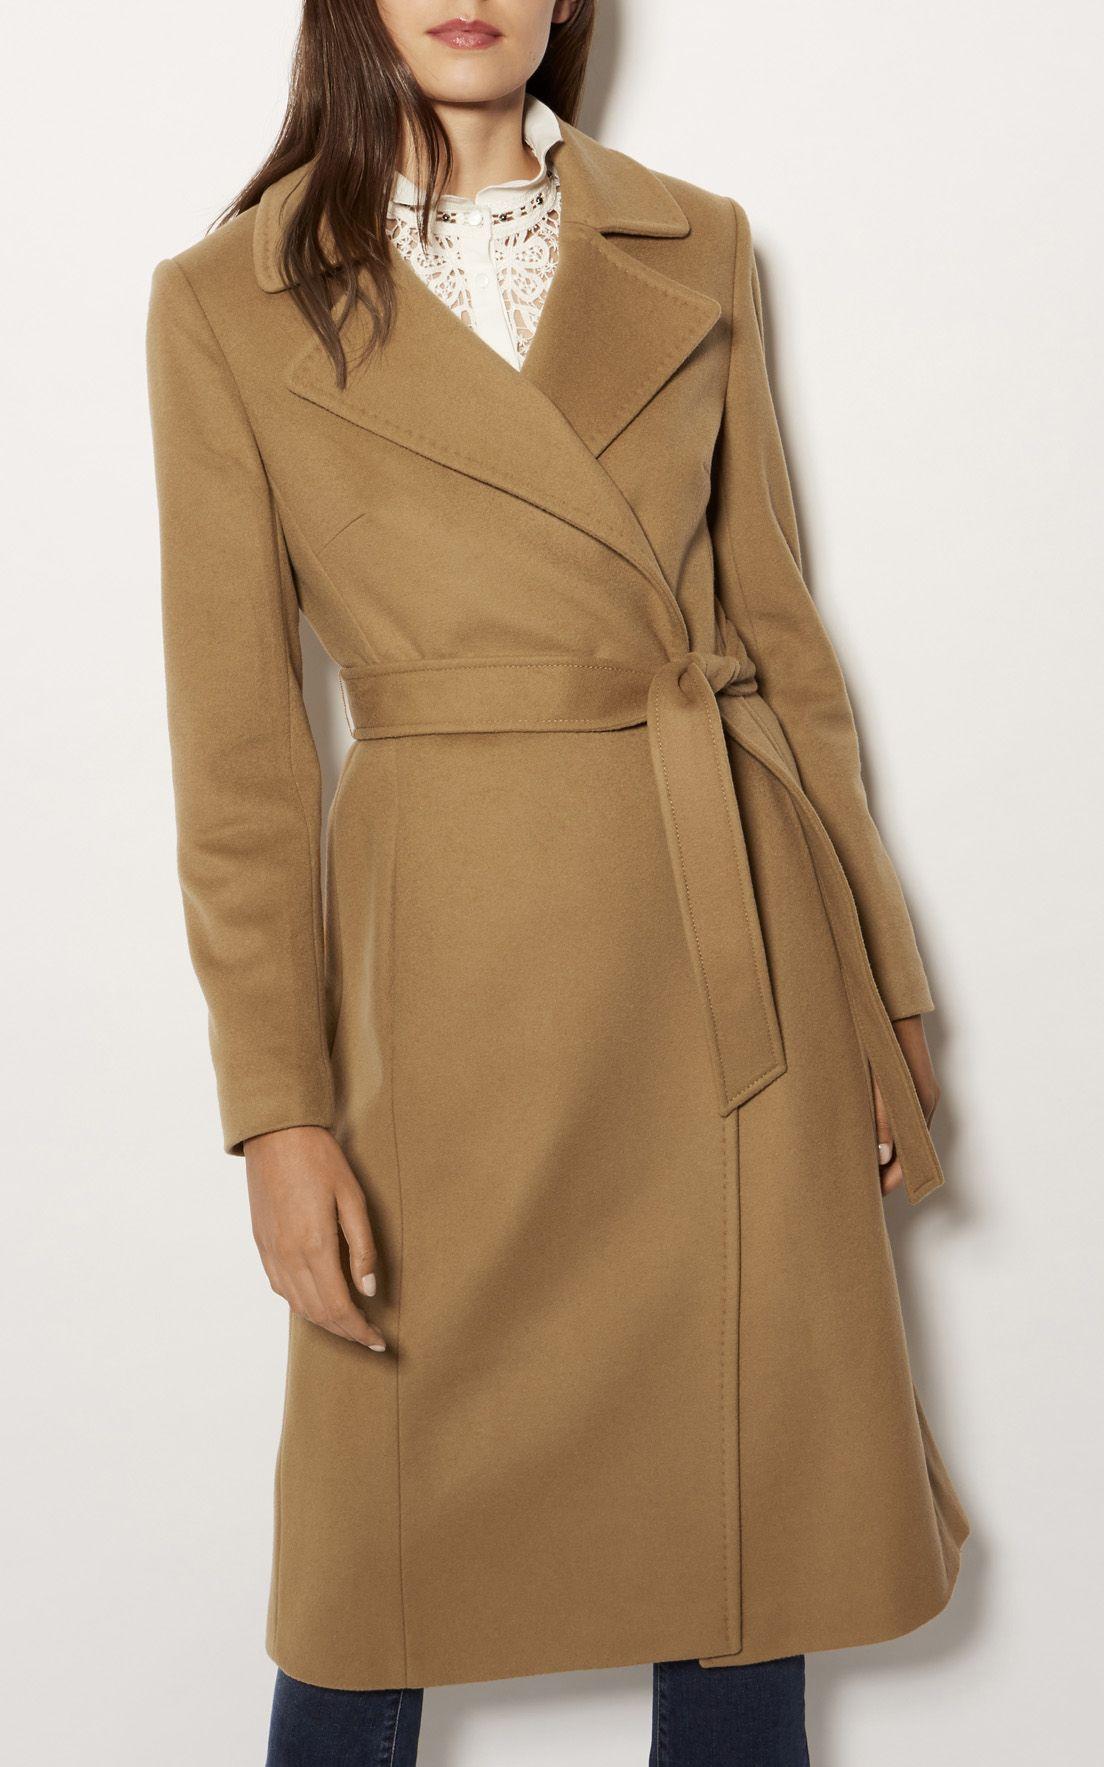 8cd51ff9bf3 Karen Millen, Italian Wool Mix Coat Camel | boutique | Belted coat ...